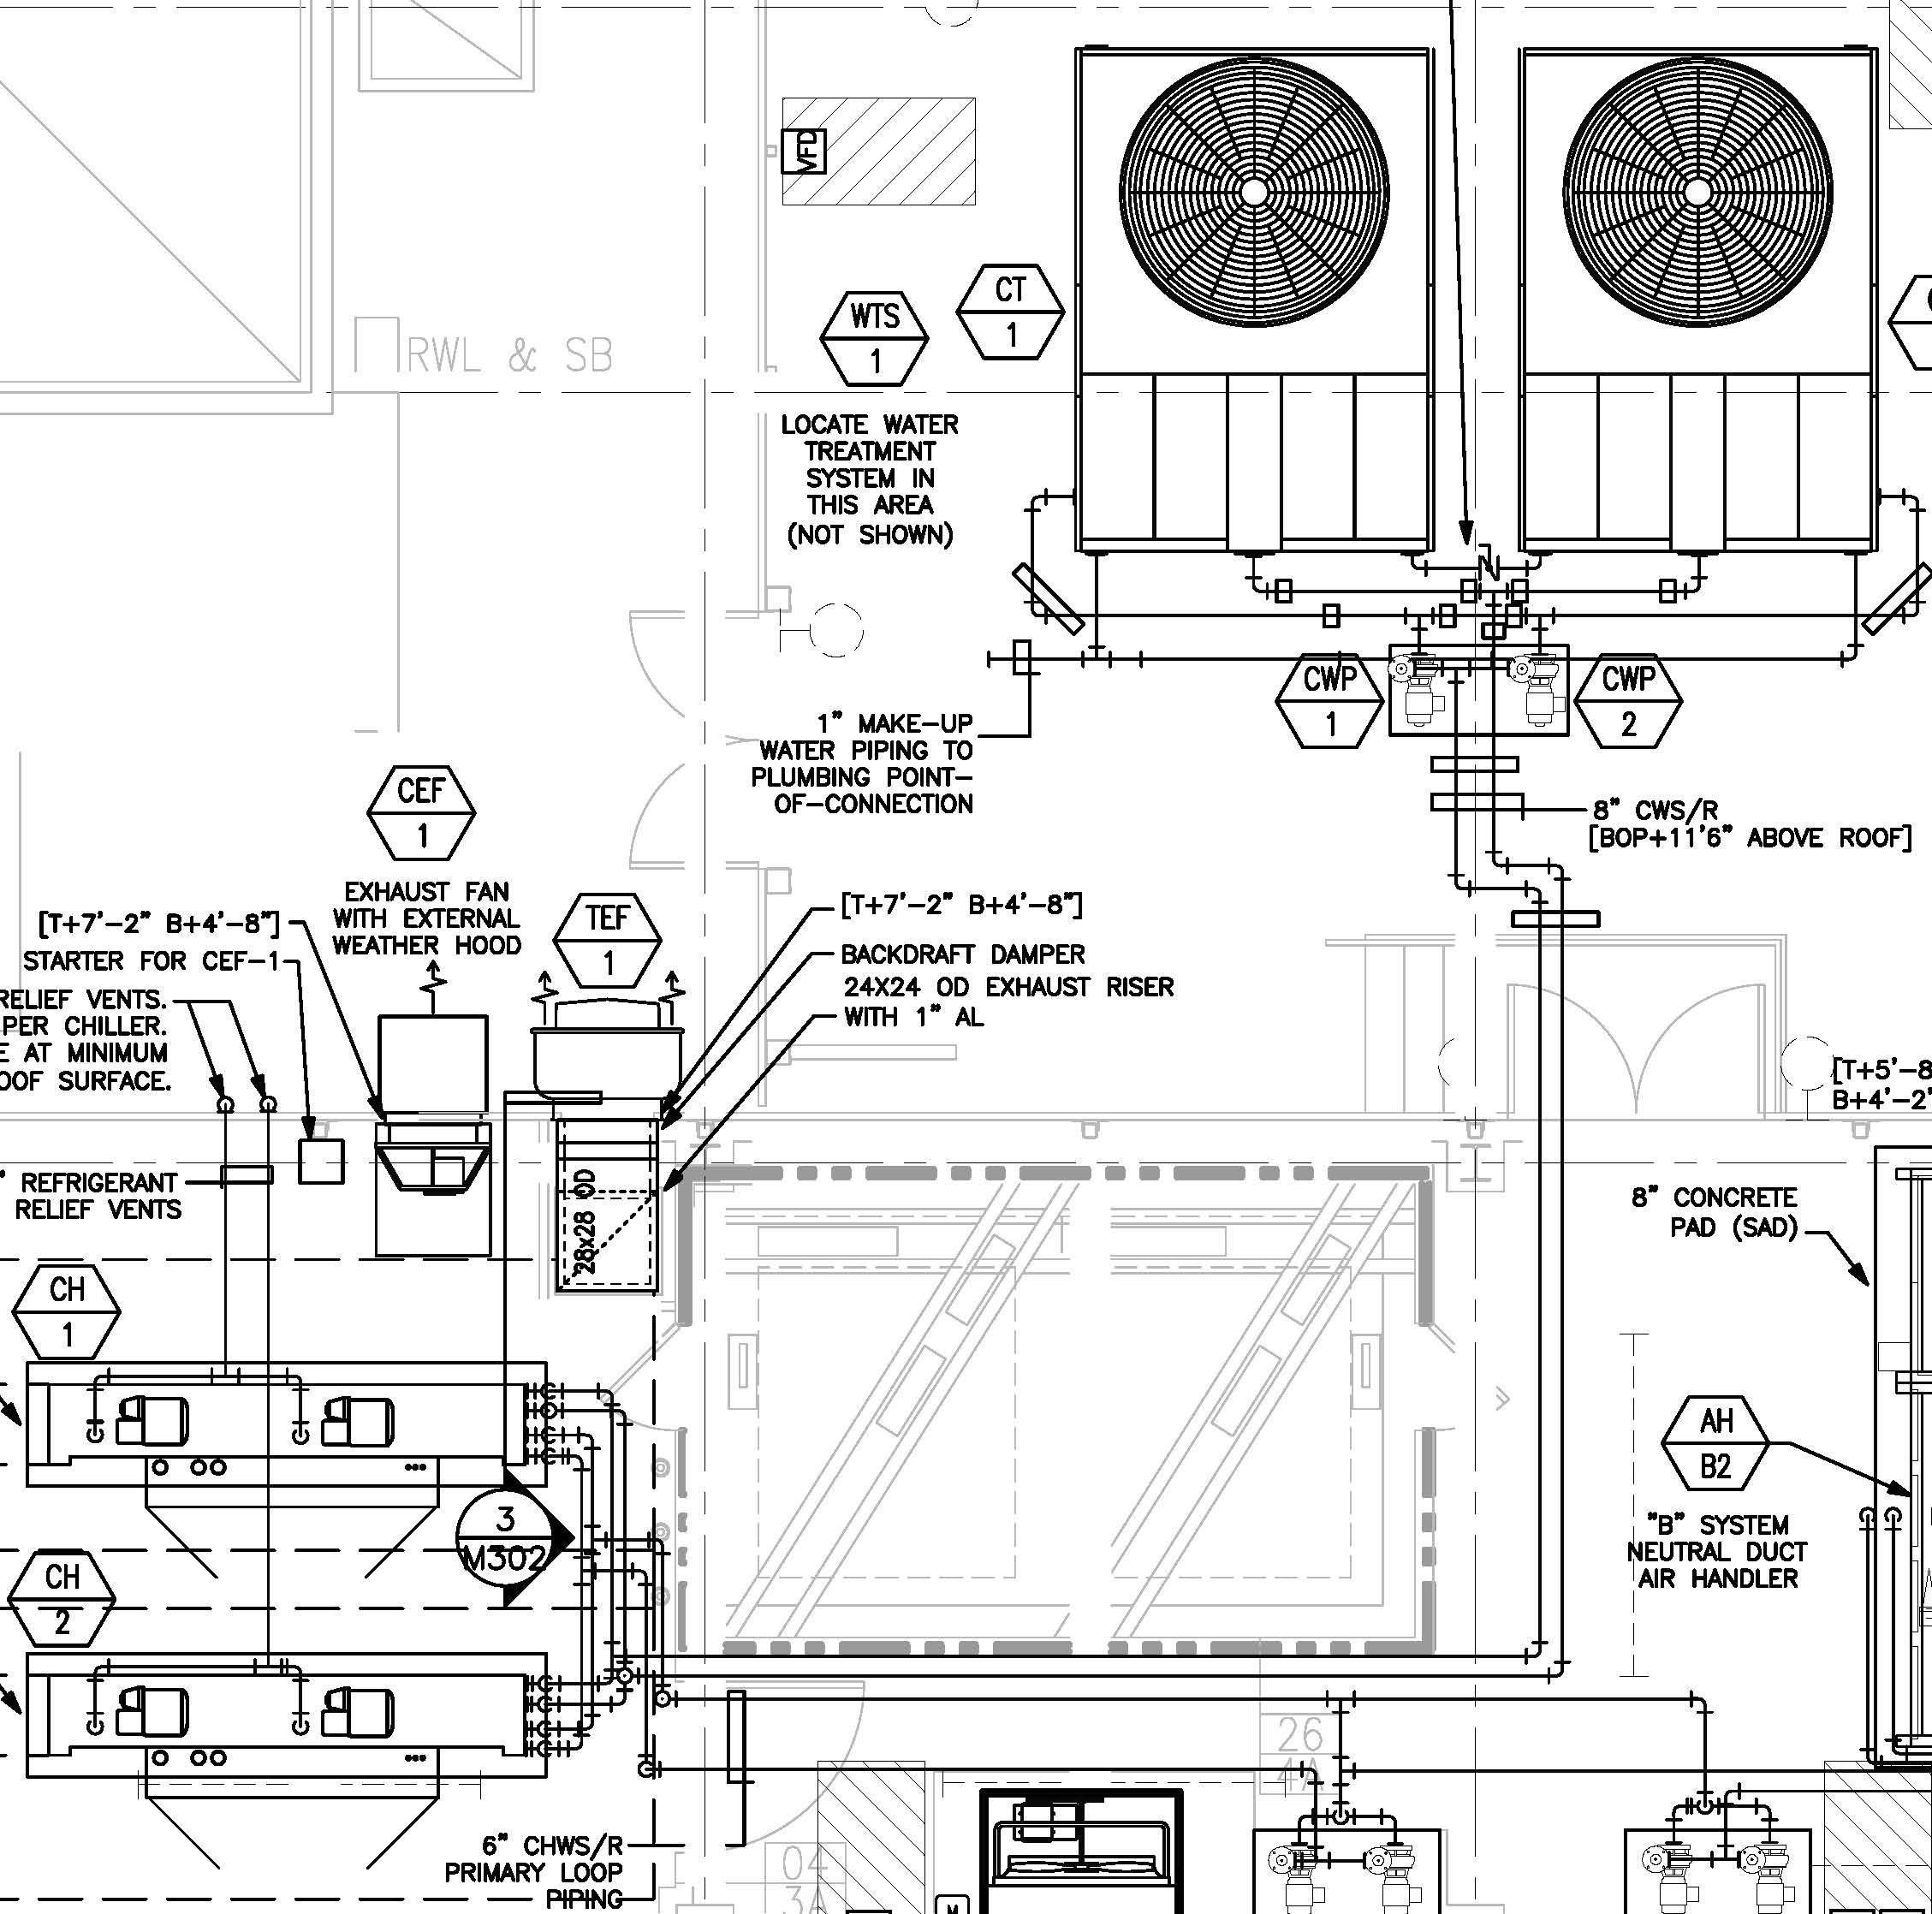 Galaxy S3 Parts Diagram Wiring Diagram Samsung Galaxy S3 Gt I9305 Archives Page 2 2 Of Galaxy S3 Parts Diagram